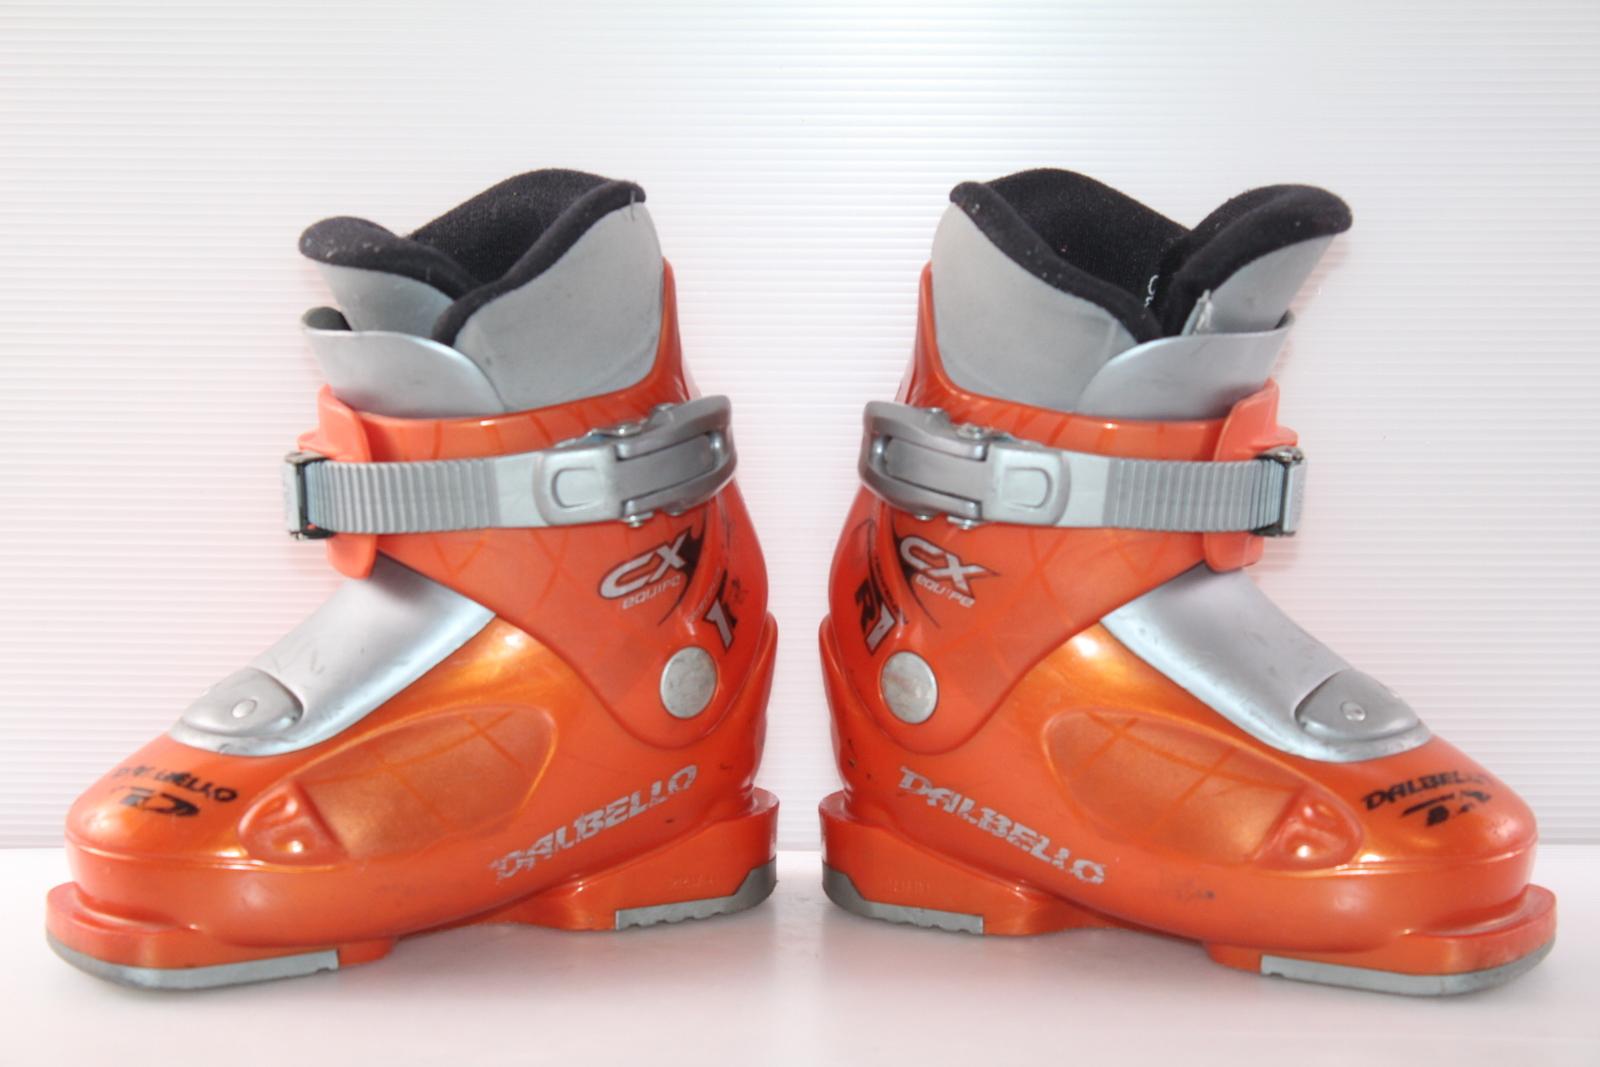 Dětské lyžáky Dalbello CX Equipe R1 vel. EU28